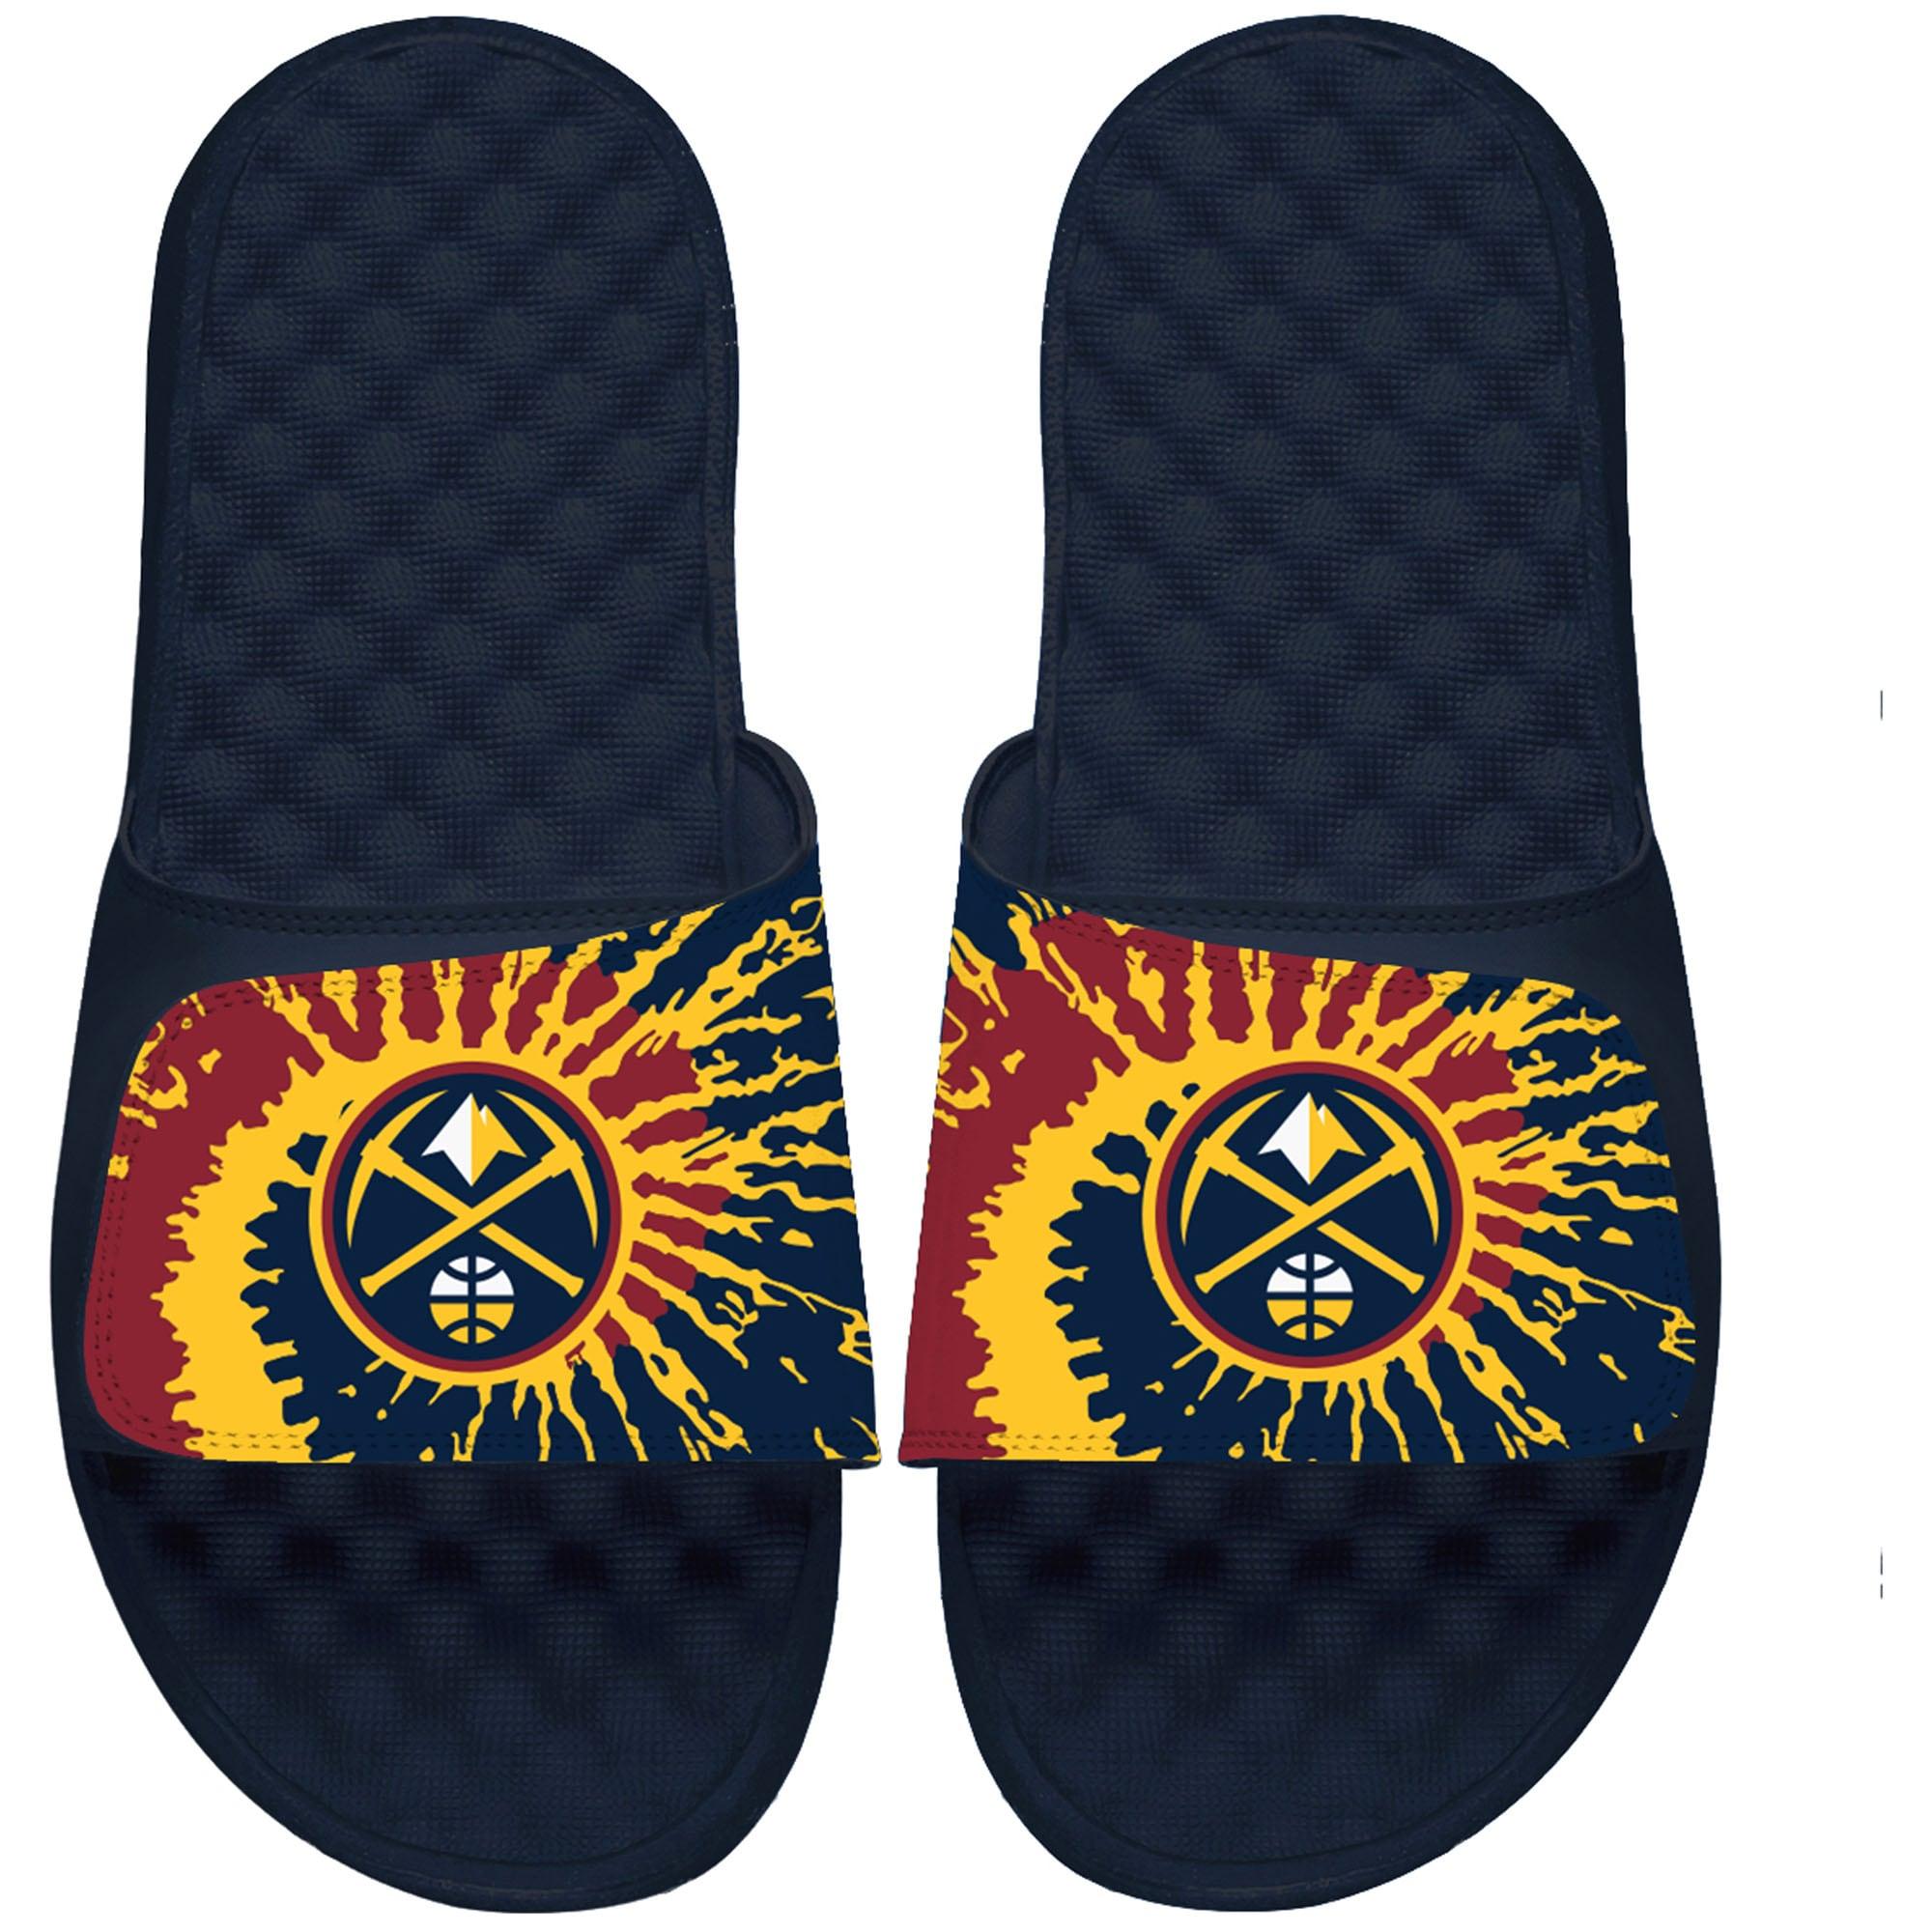 Denver Nuggets ISlide Tie Dye Slide Sandals - Navy